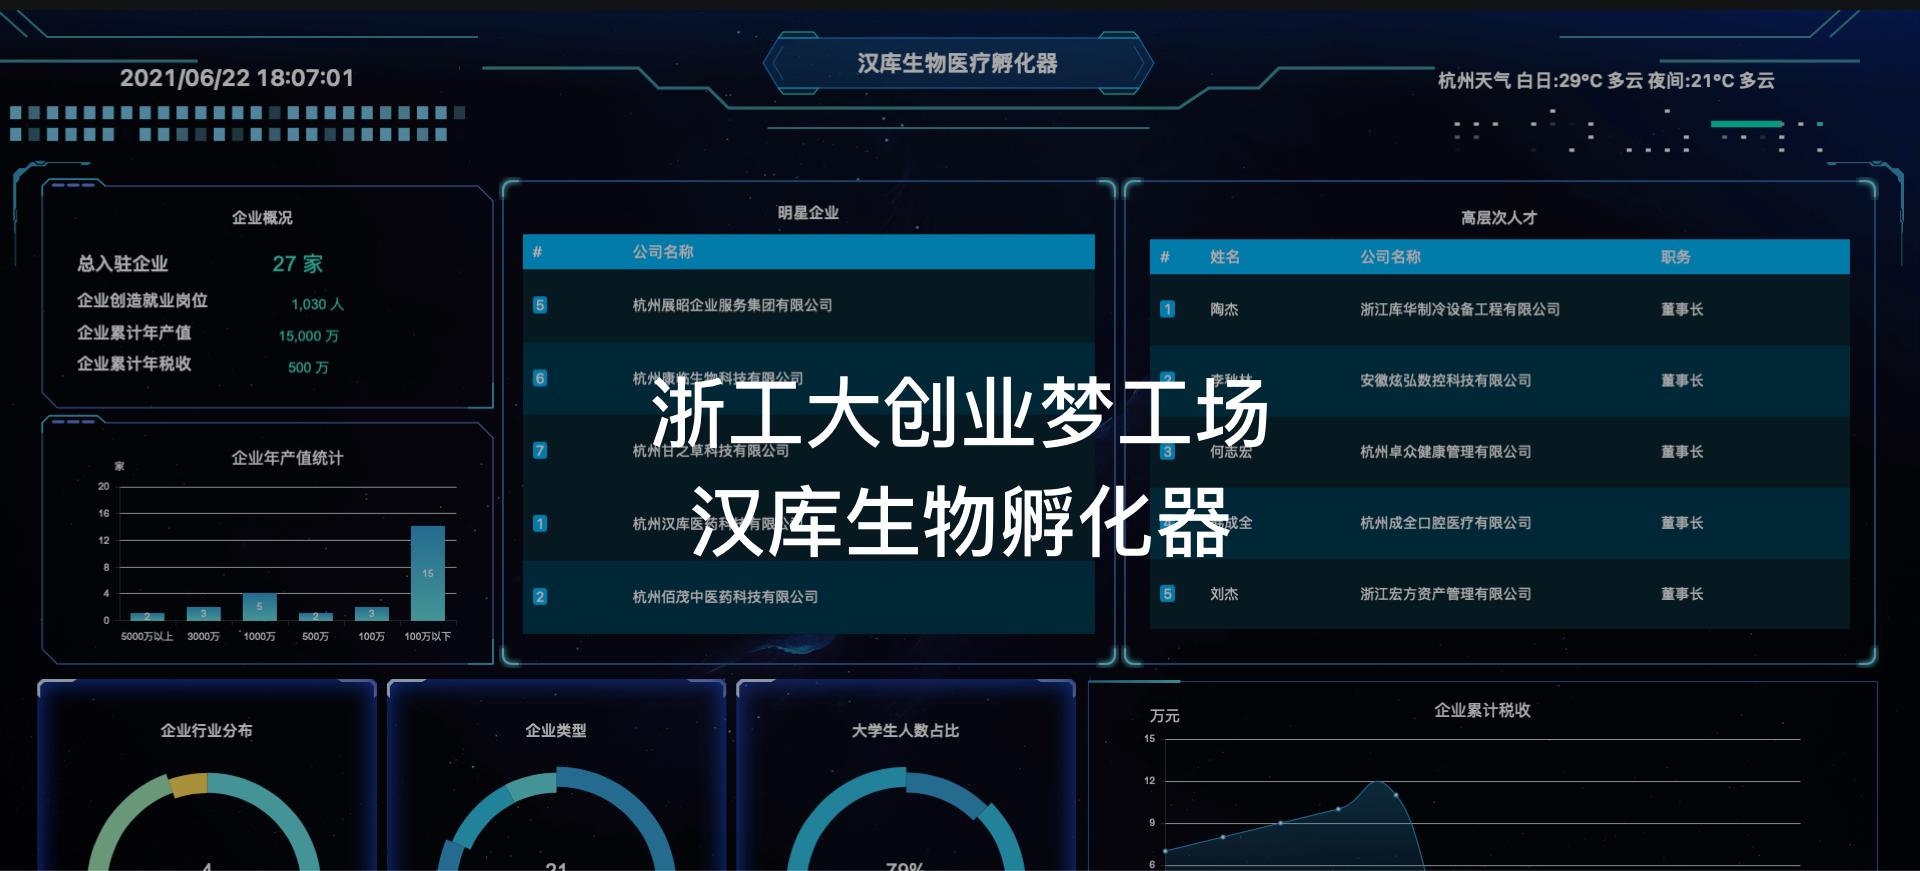 浙大梦工厂备份 8.jpg